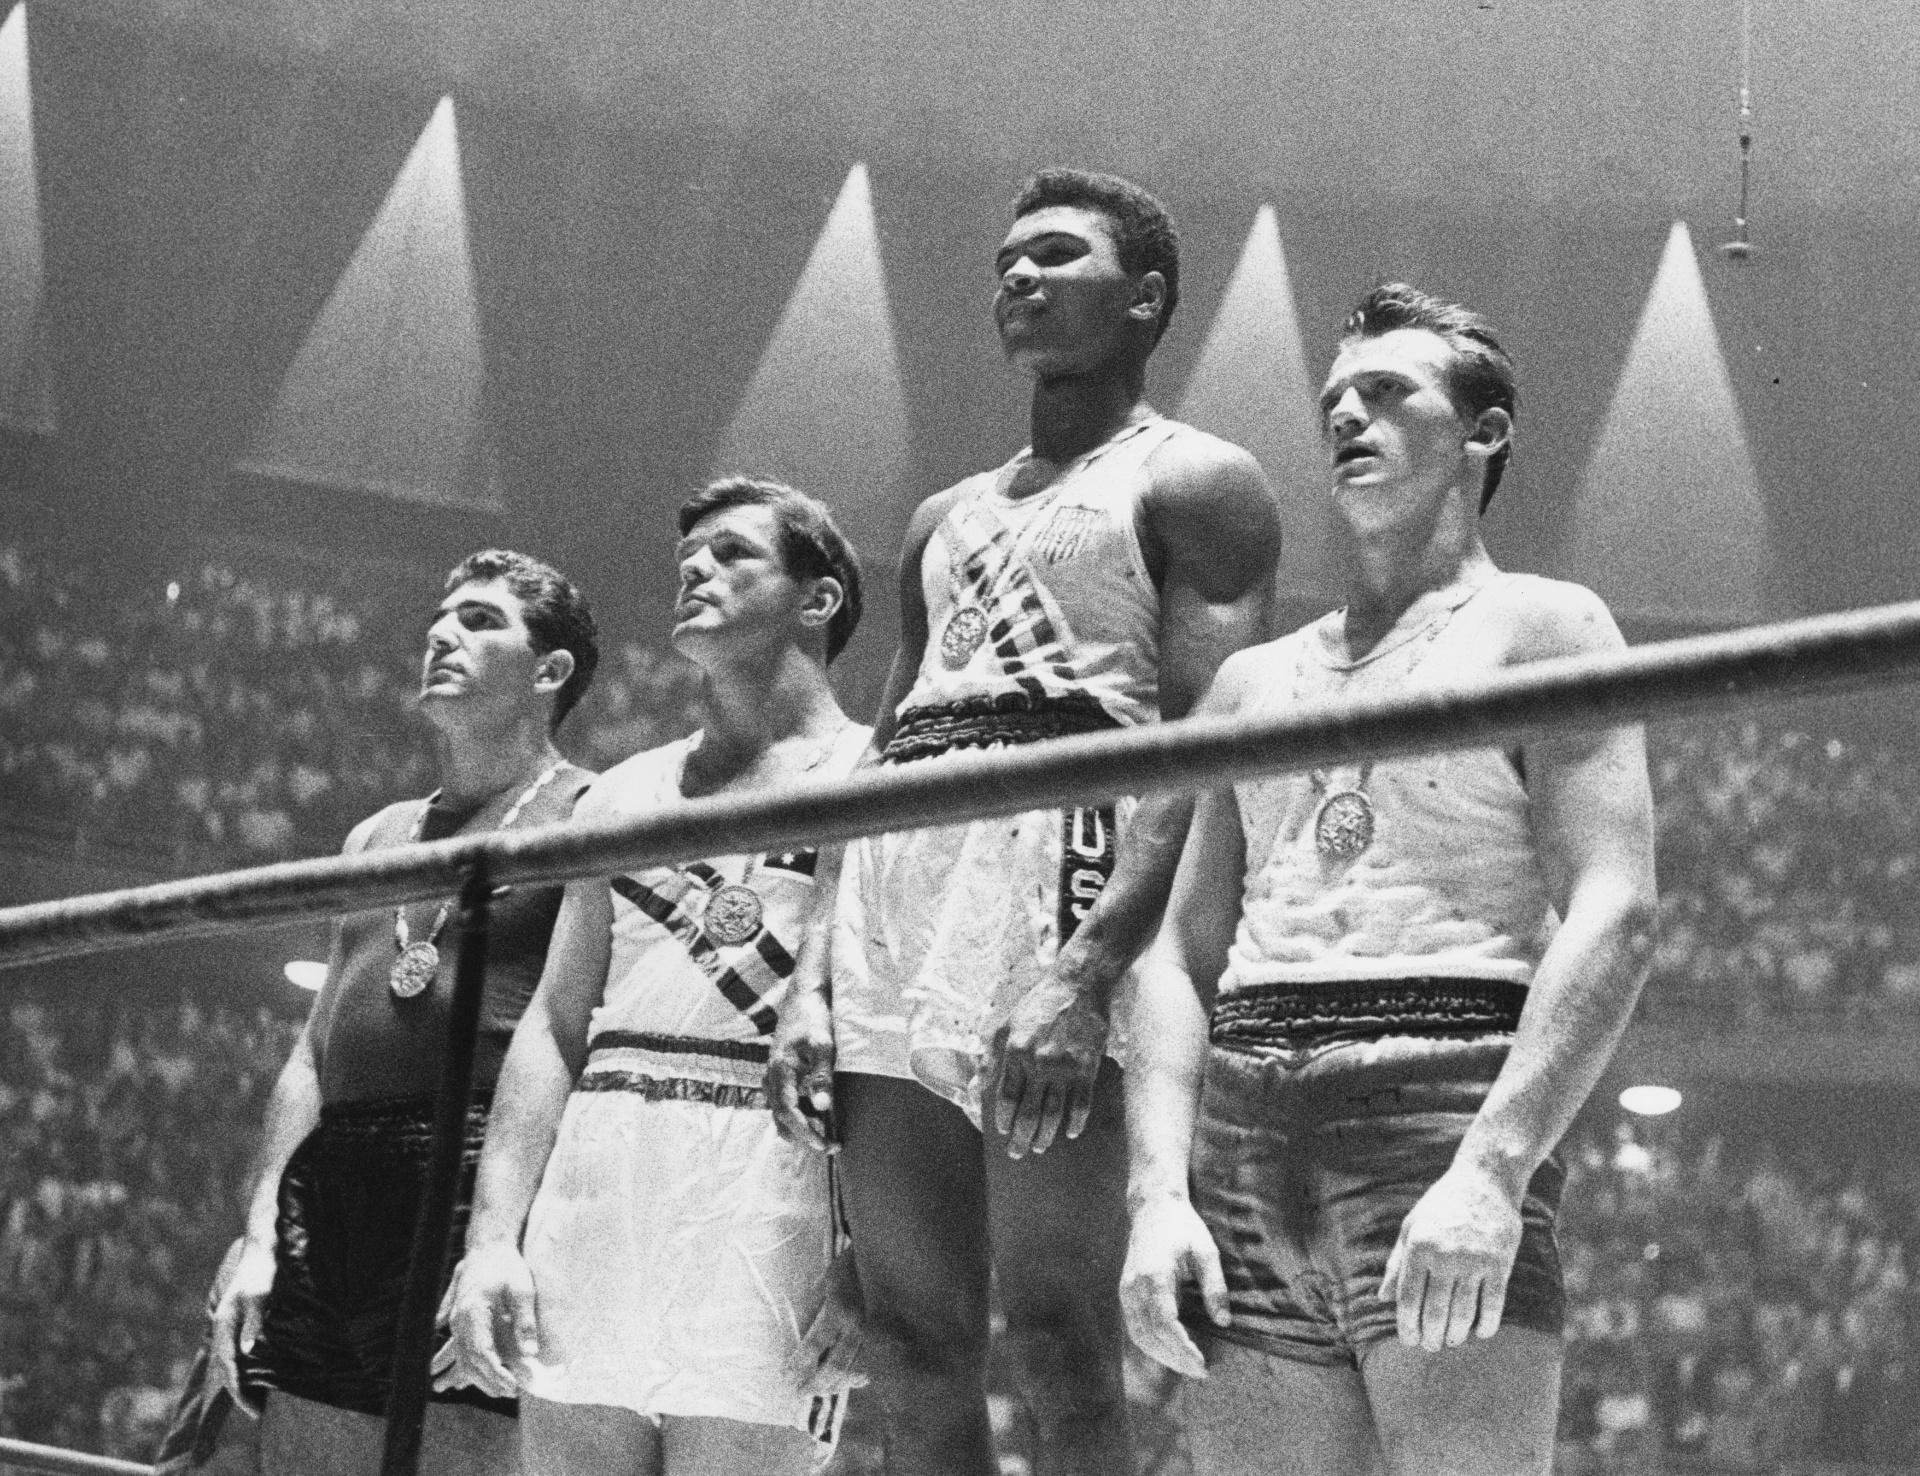 Cassius Clay, que mais tarde trocaria de nome para Muhammad Ali, sobe ao lugar mais alto do pódio no boxe da Olimpíada de Roma-1960